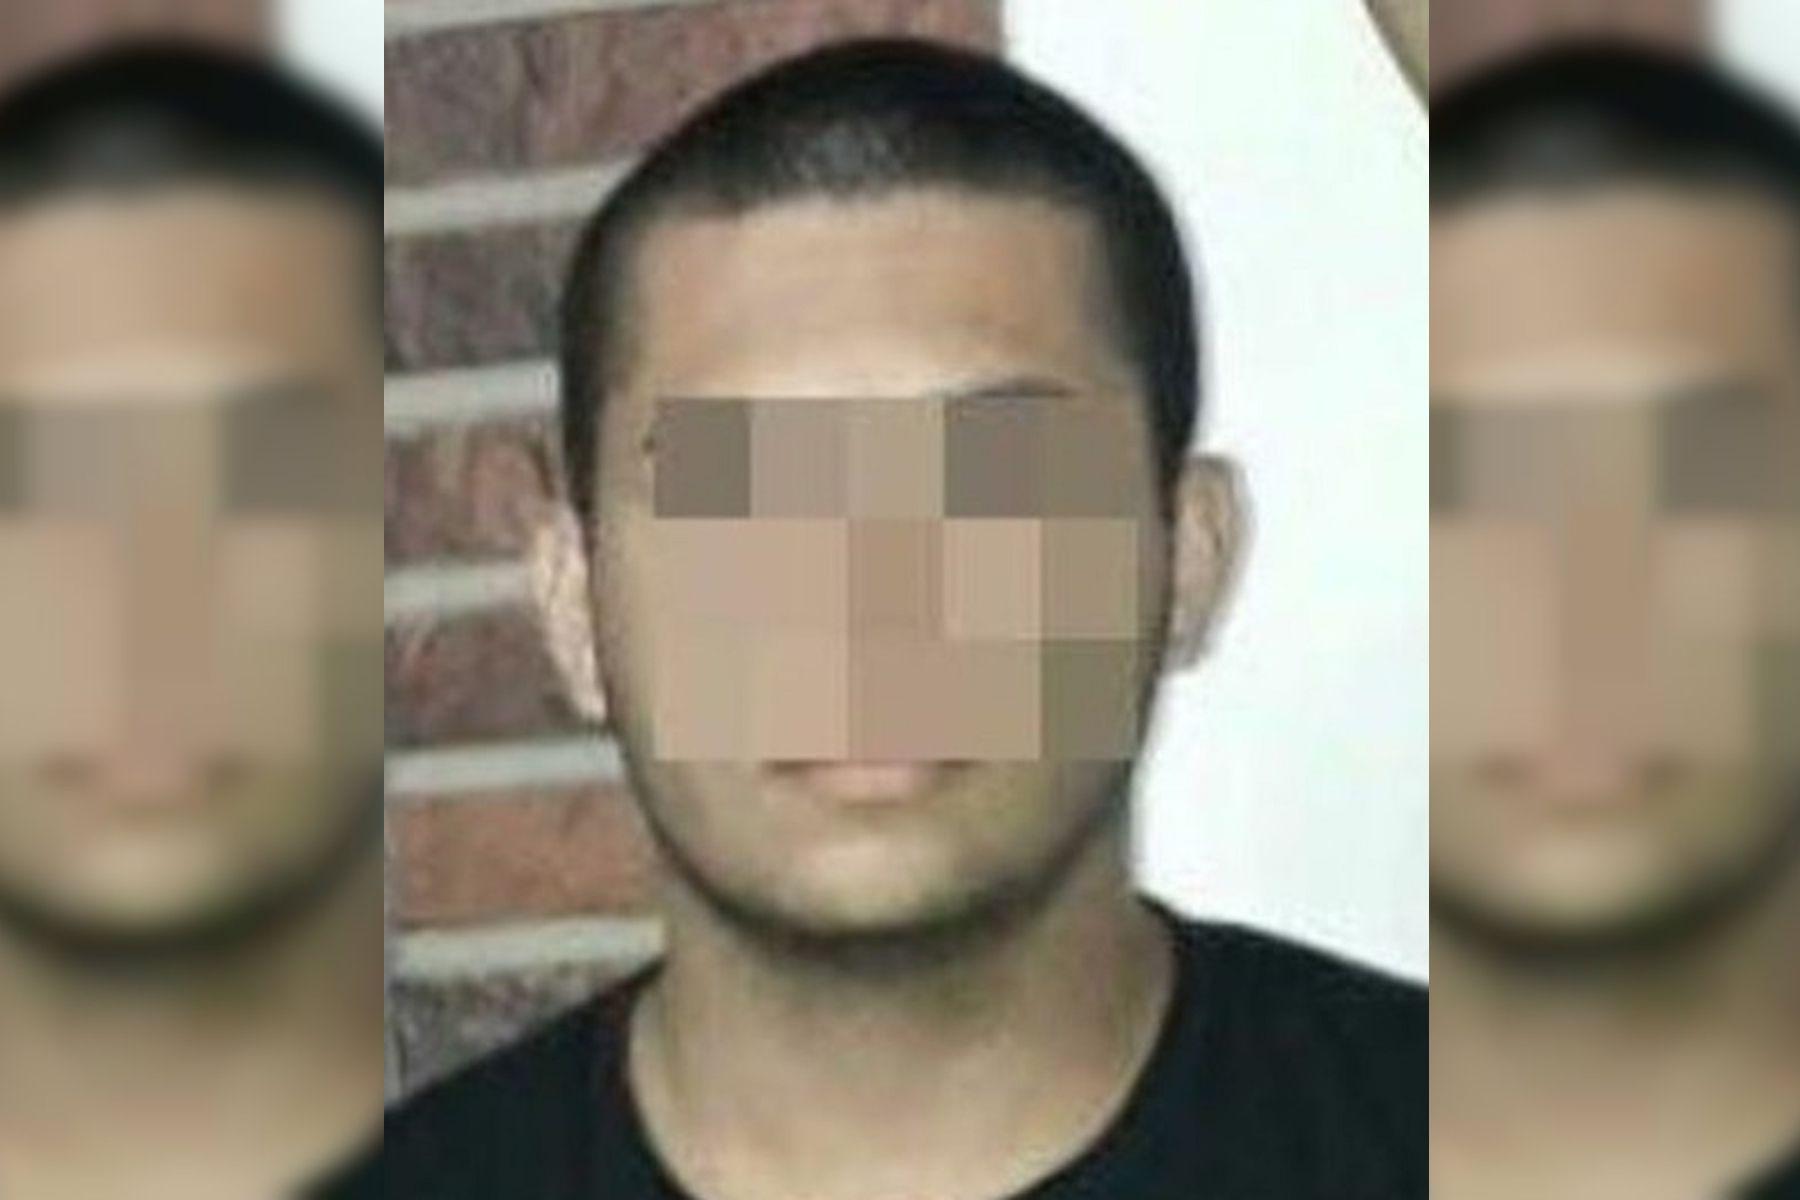 El sospechoso tiene 18 años.